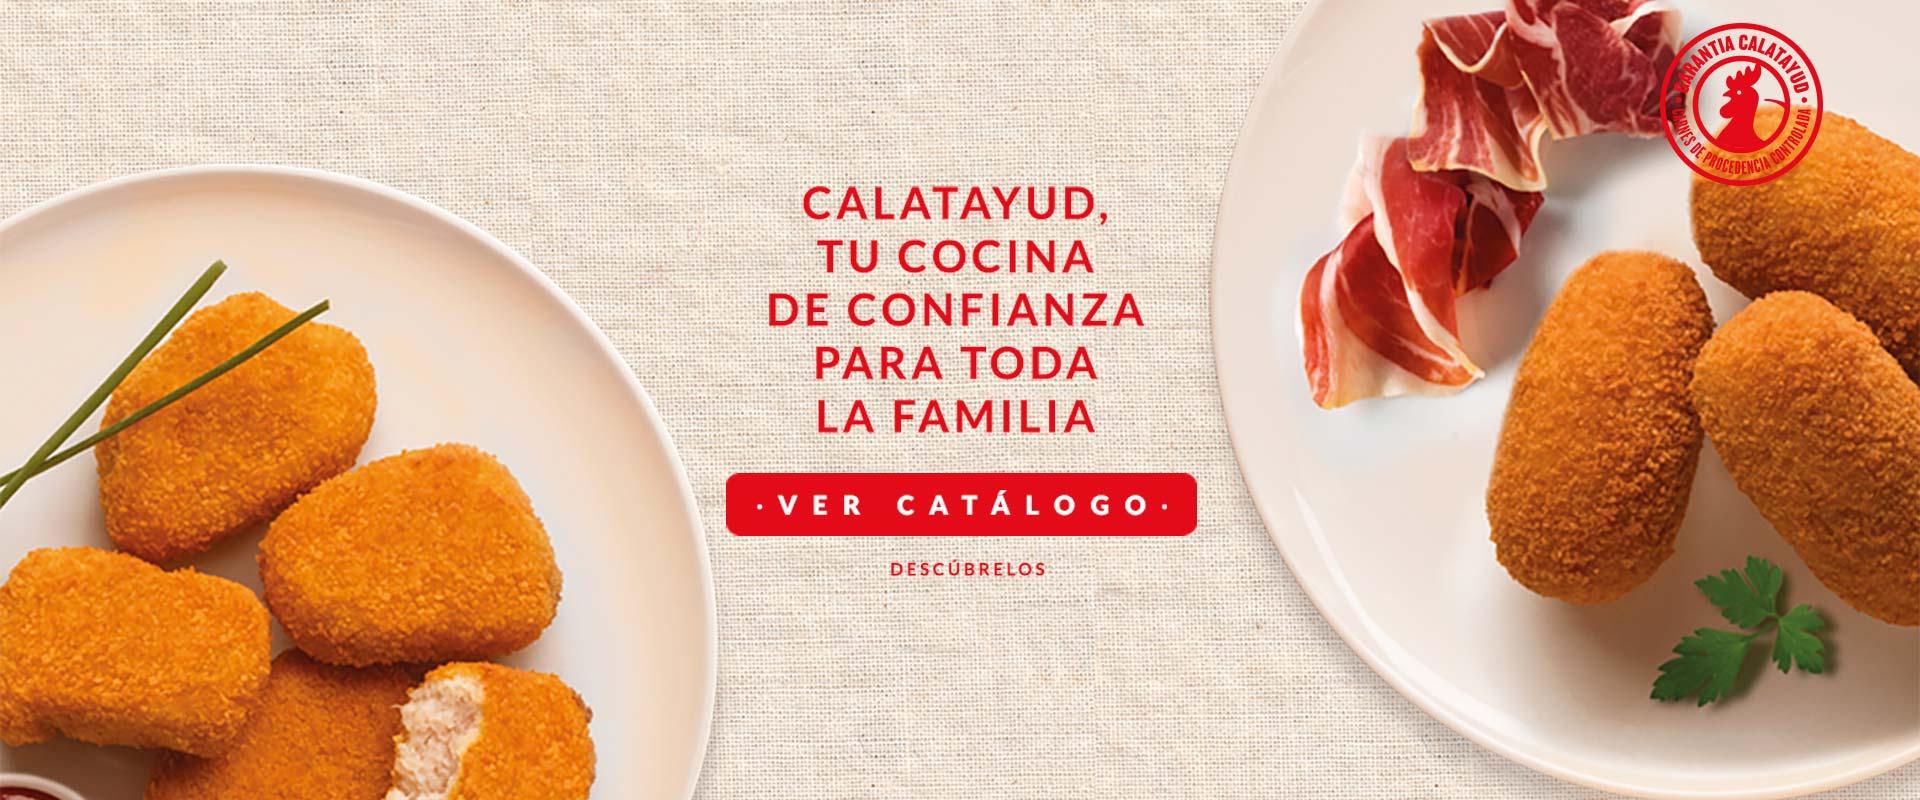 Empanados de pollo Calatayud